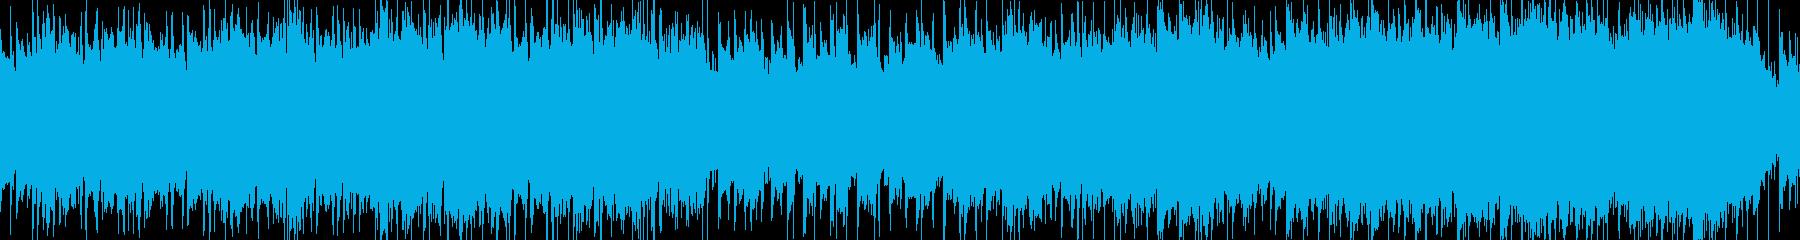 シューティングゲーム風ロック_ループ版の再生済みの波形